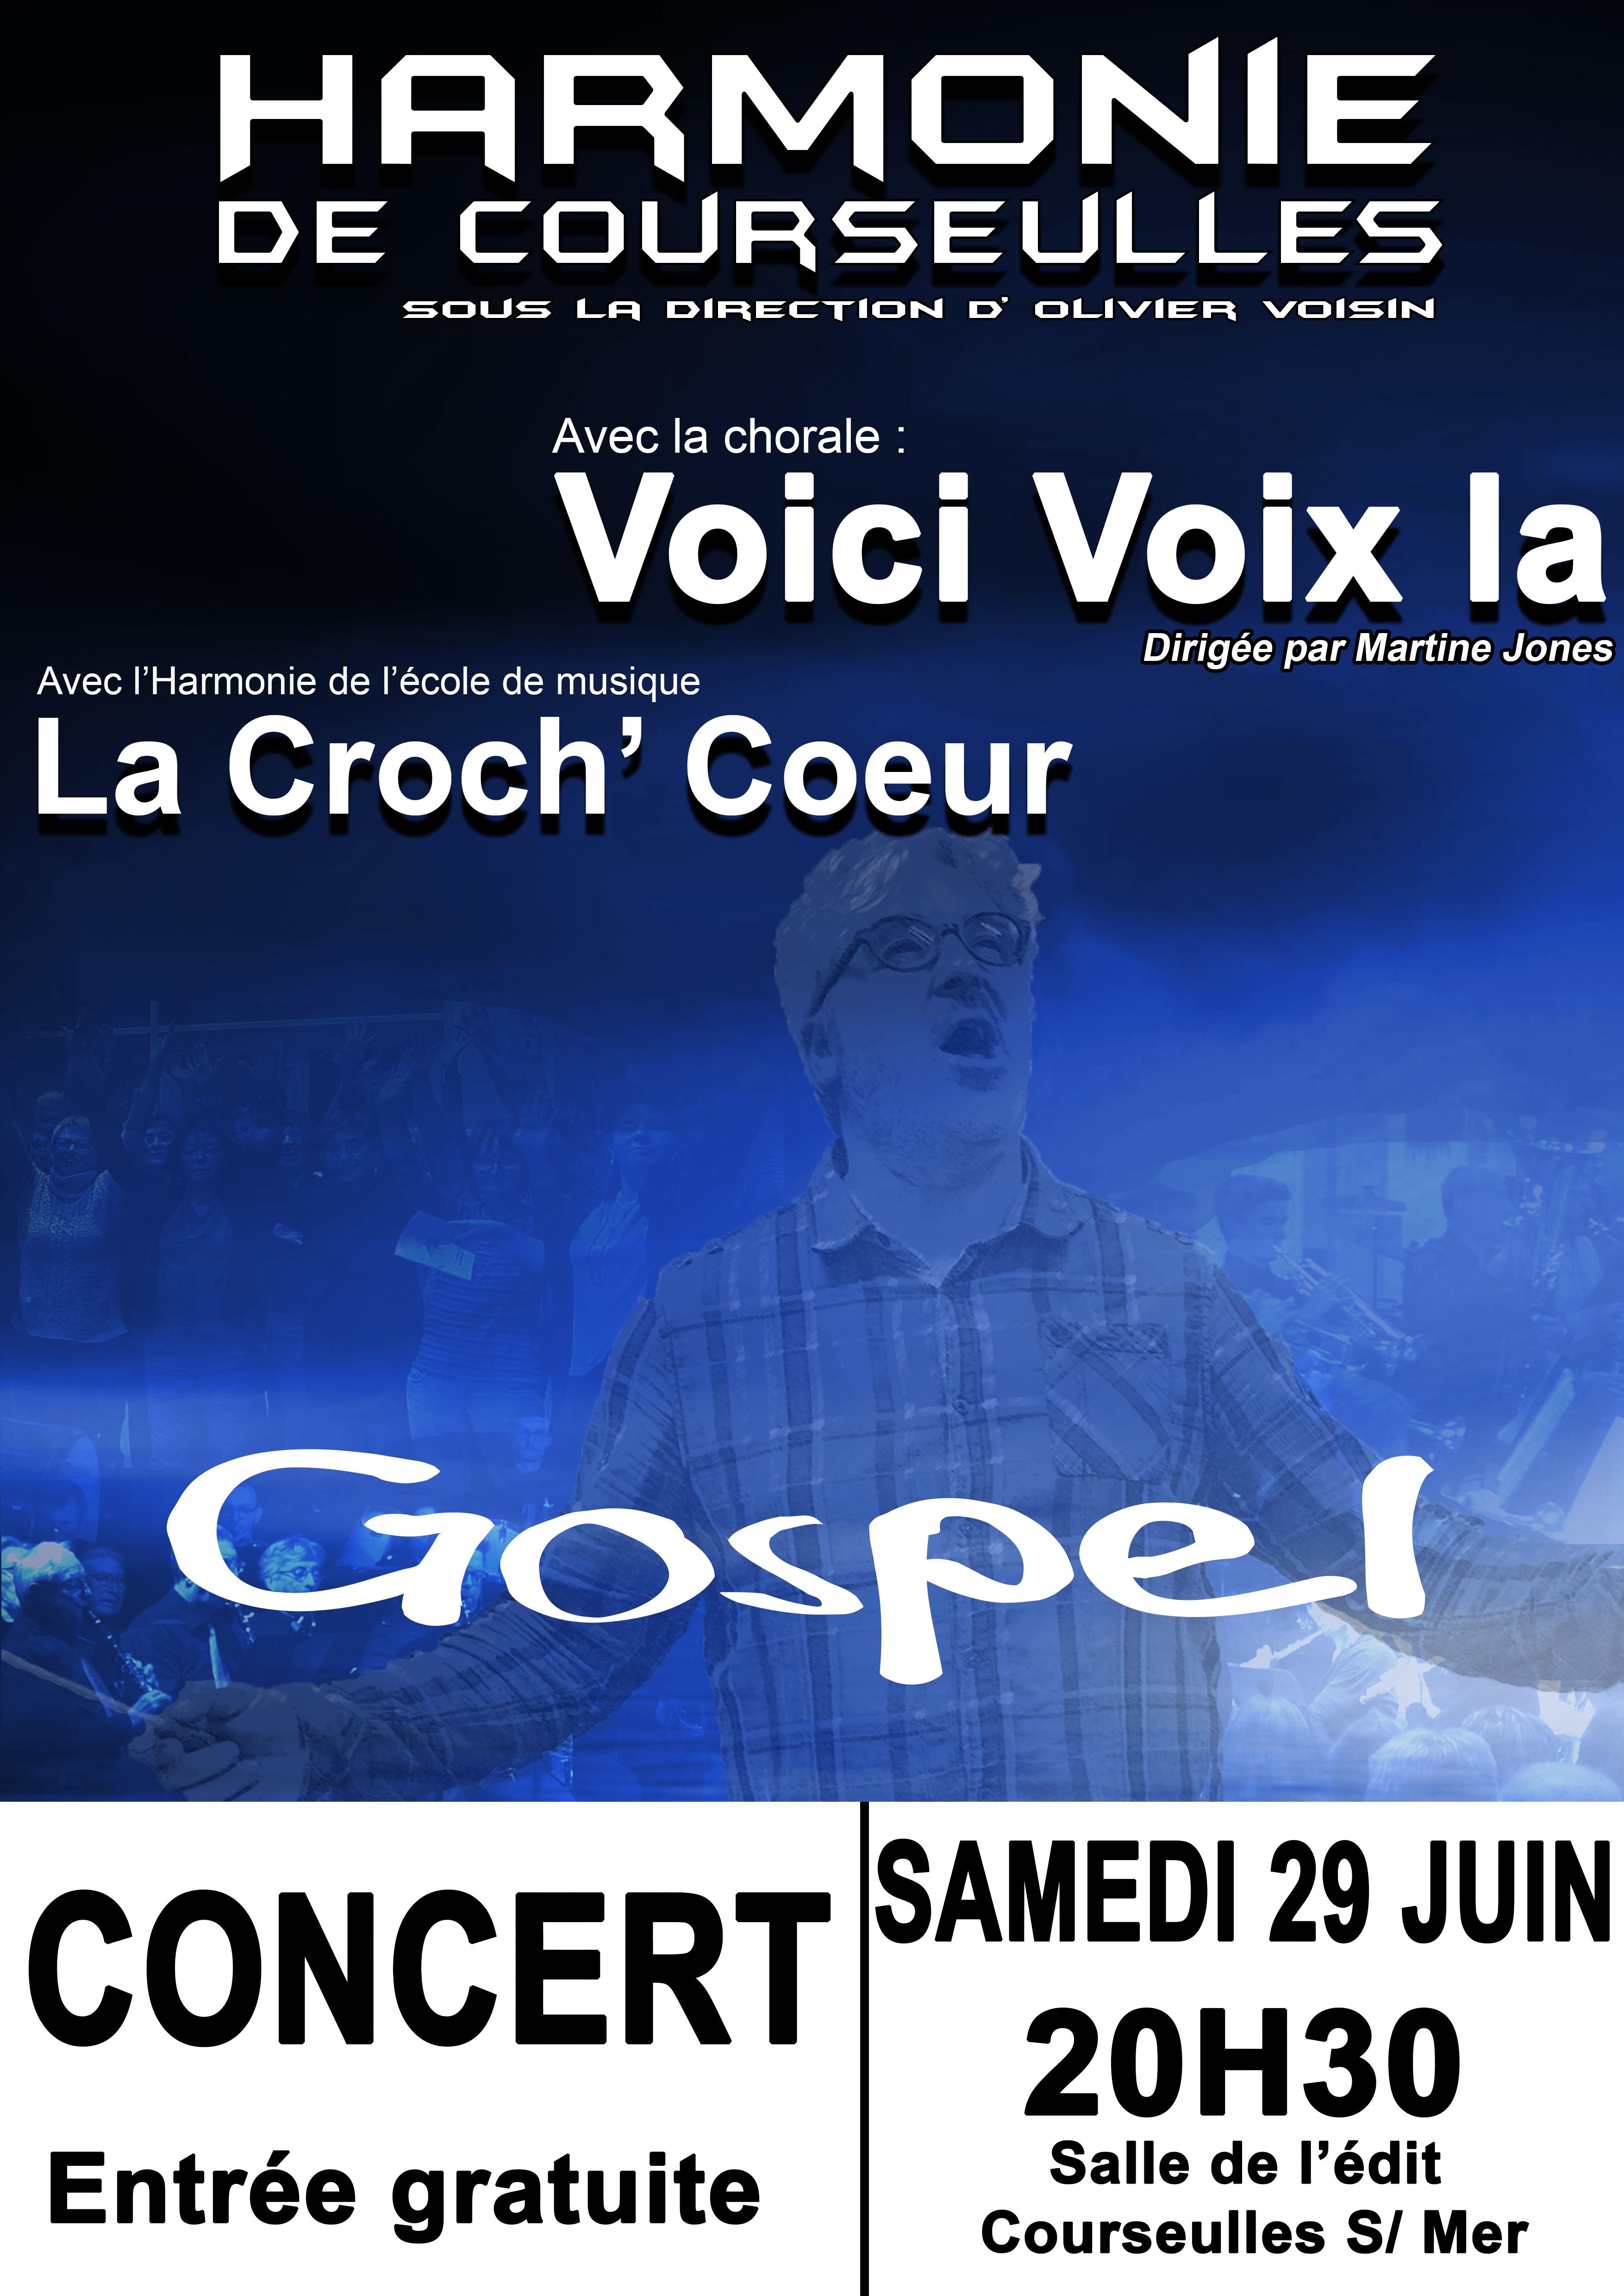 Affiche concert juin 2019 v2.1